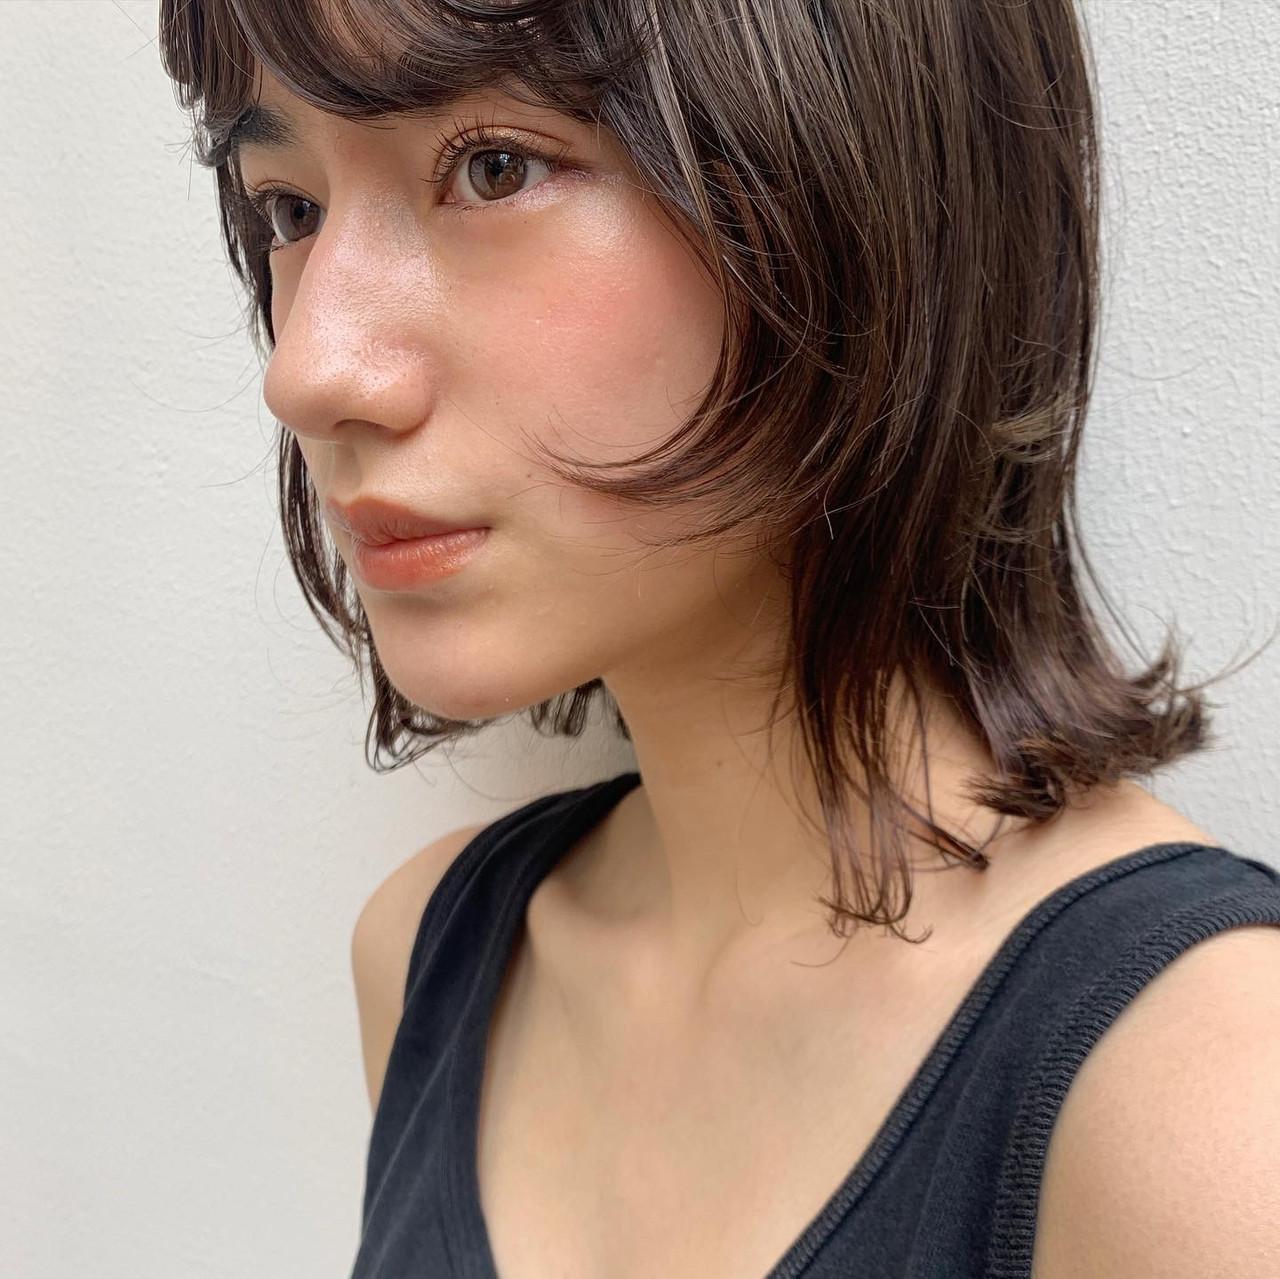 ウルフレイヤー ナチュラル ネオウルフ ミルクティーベージュ ヘアスタイルや髪型の写真・画像